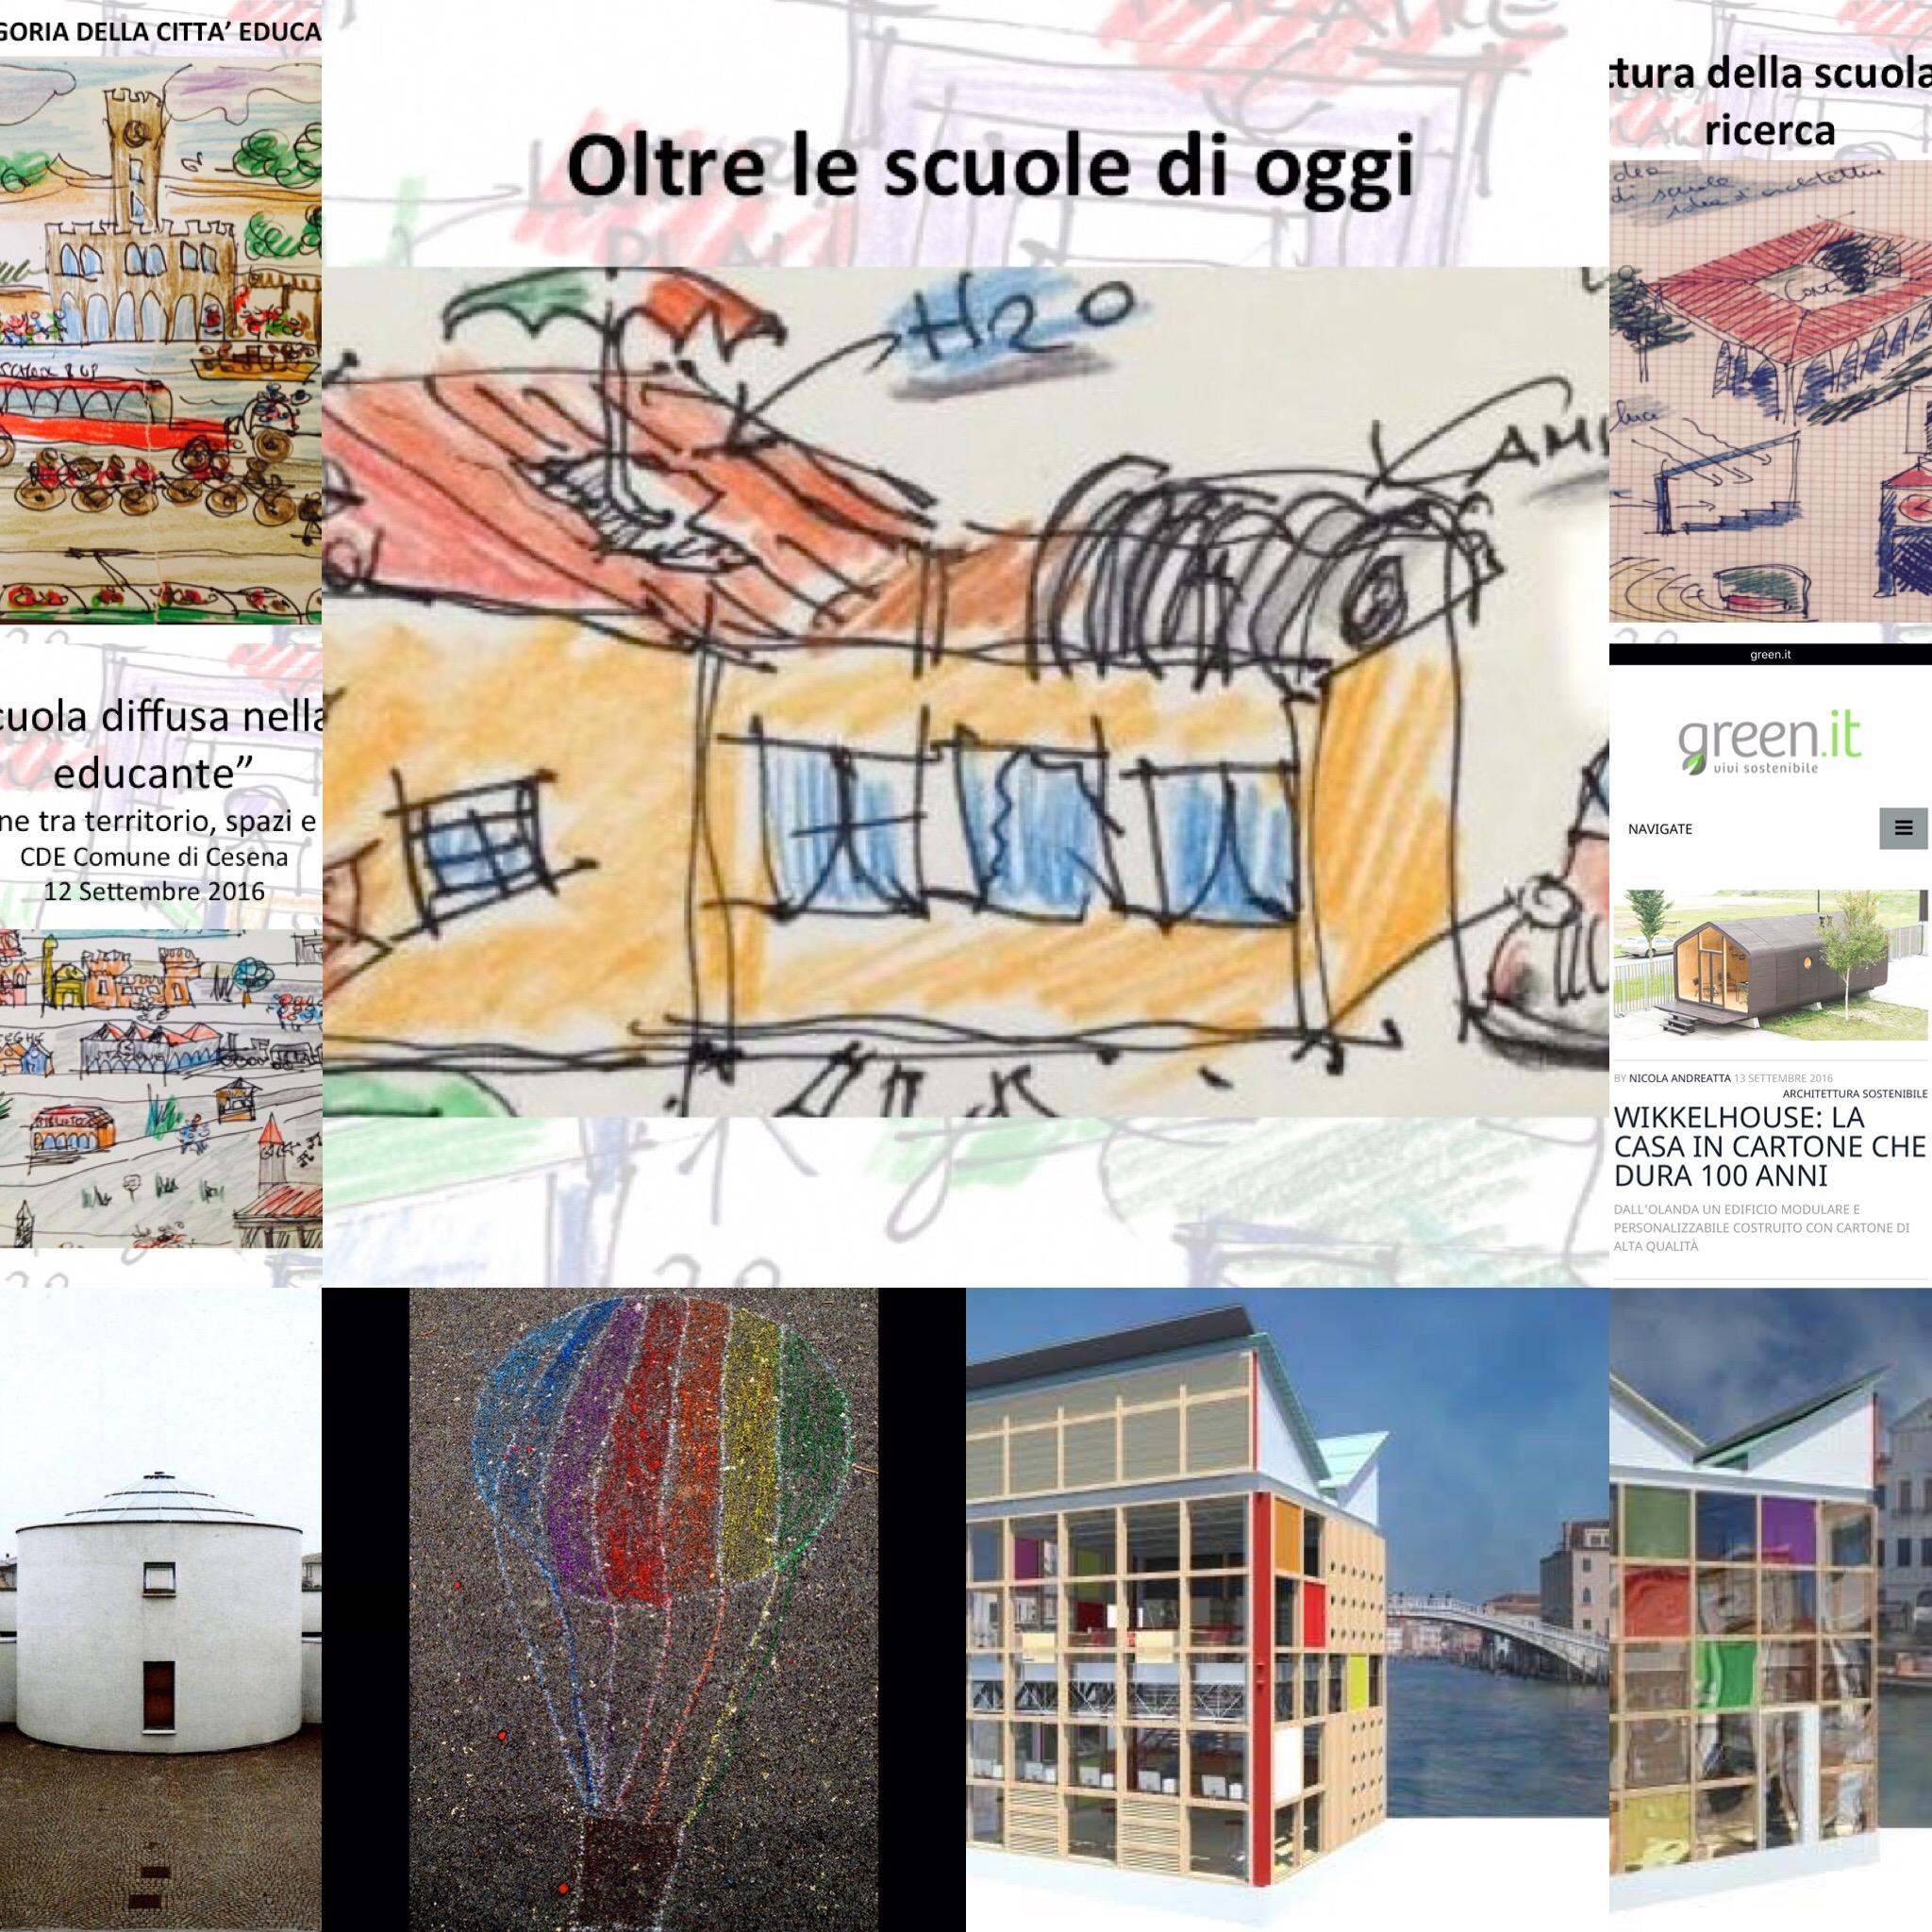 Una architettura dell'educazione.